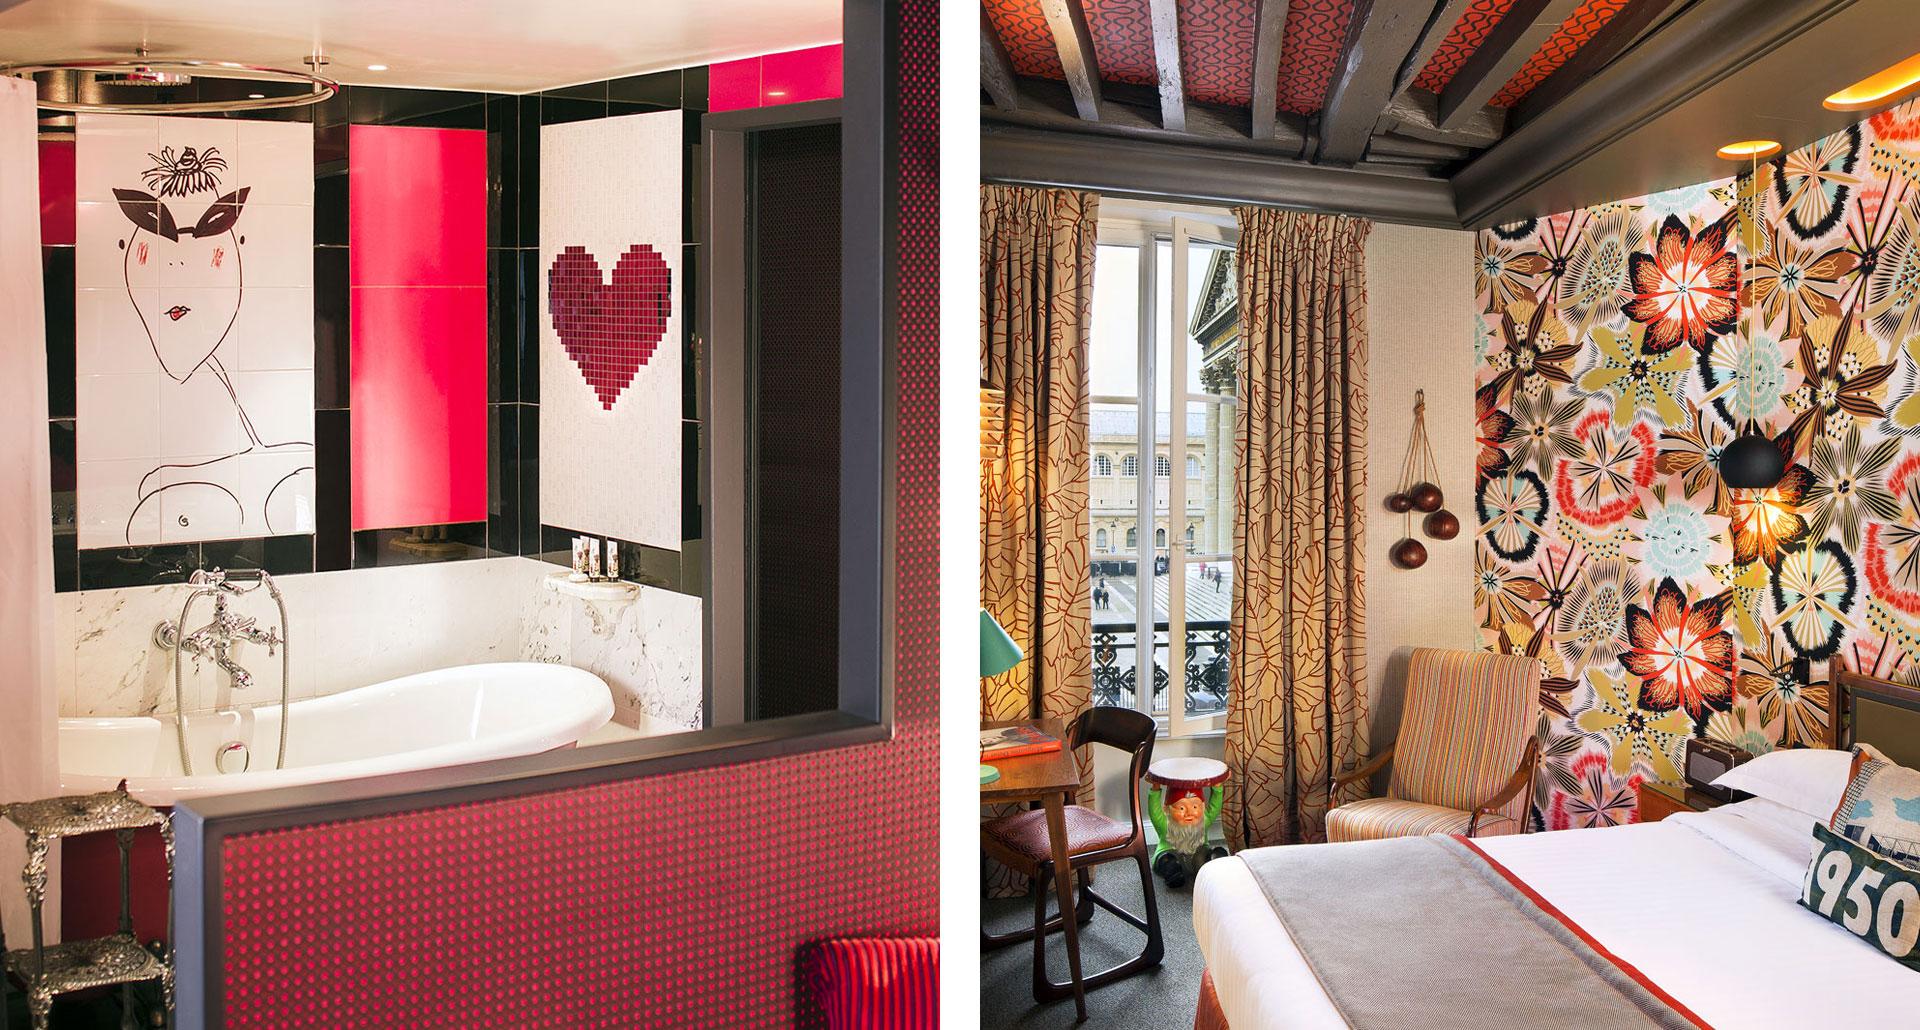 Le Dames du Pantheon - boutique hotel in Paris